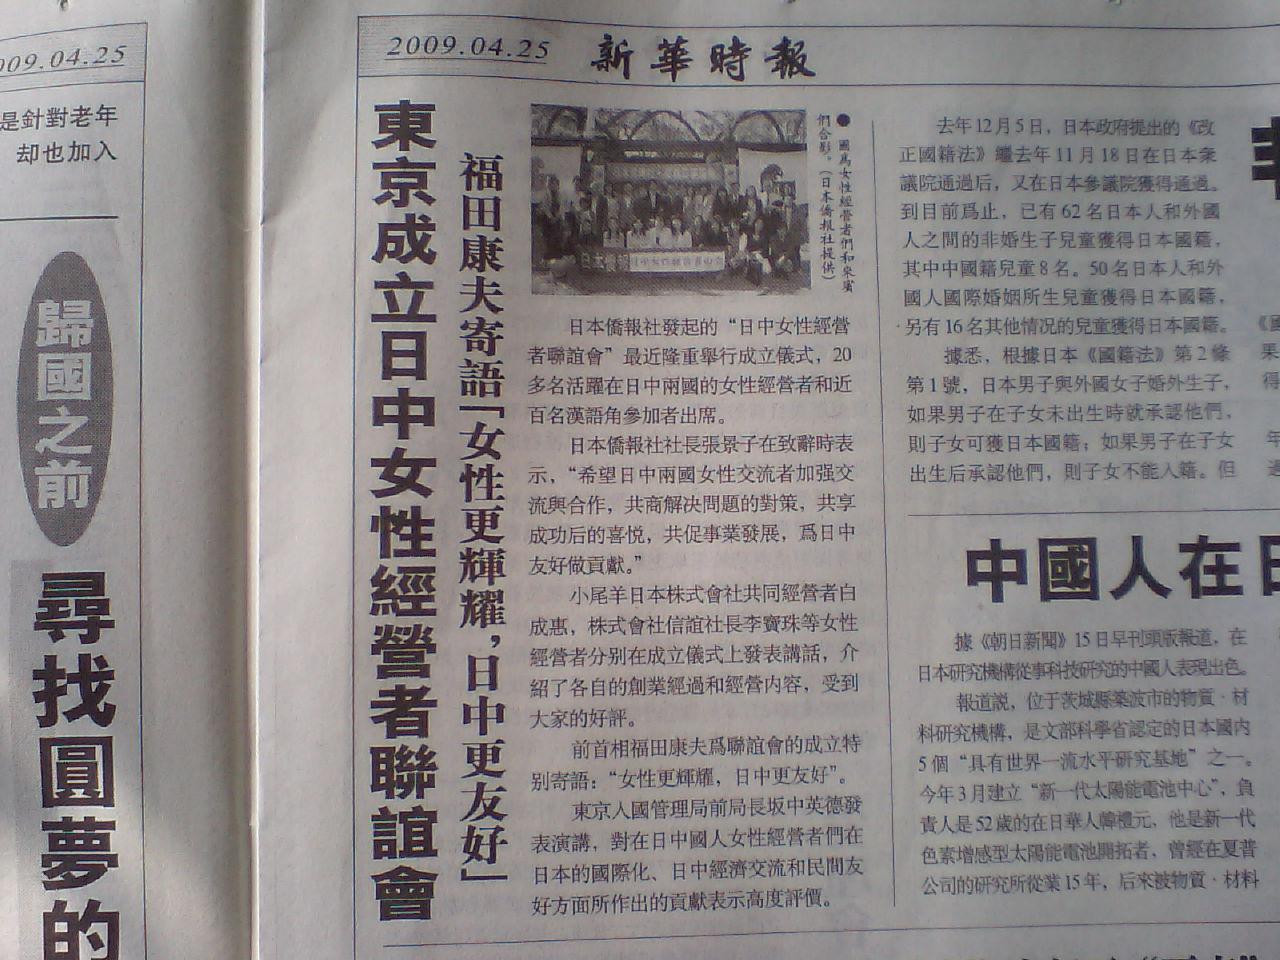 新華時報 日中女性経営者の会発足を報道_d0027795_7415133.jpg